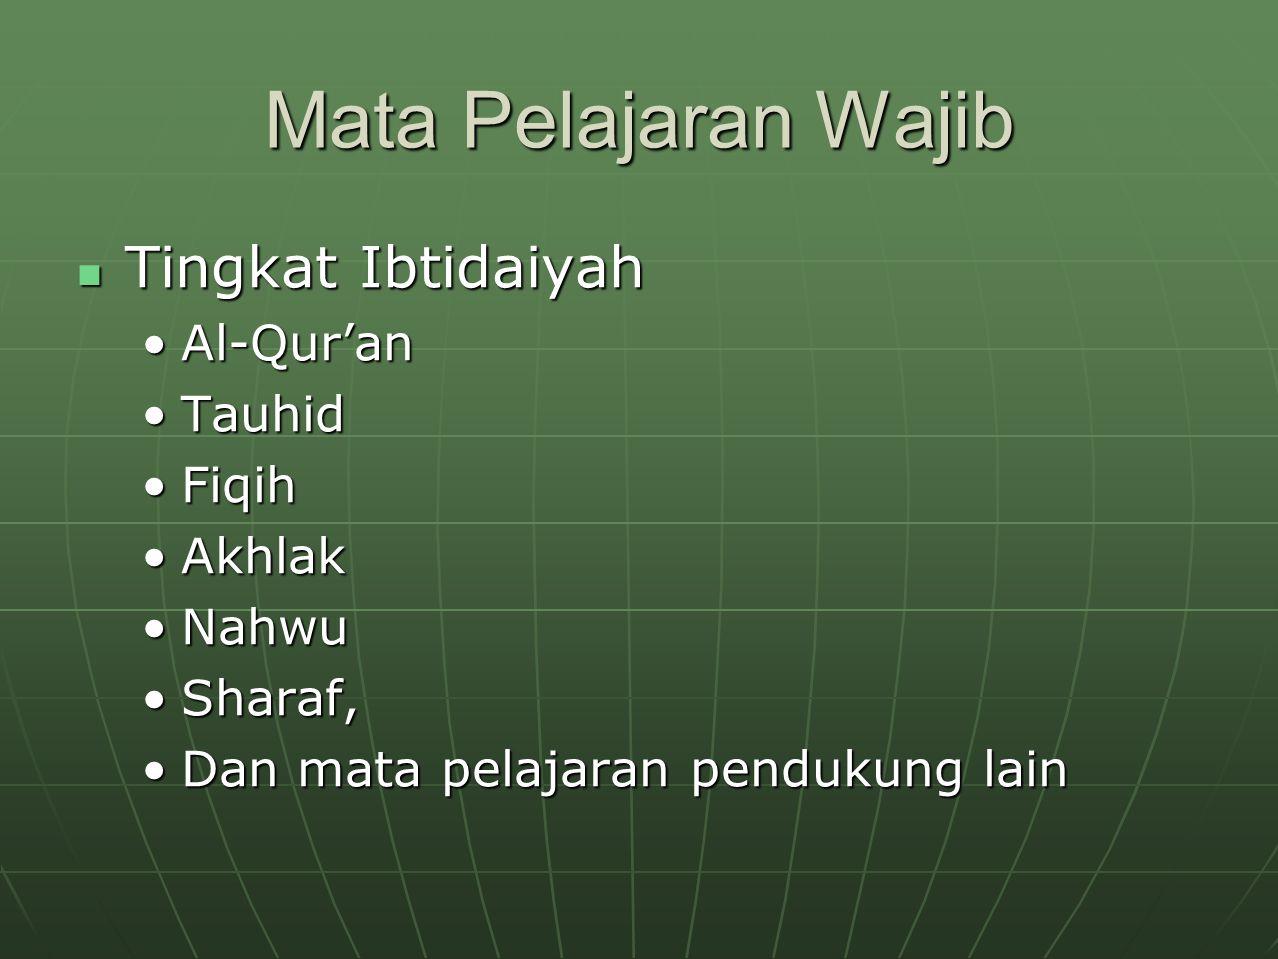 Mata Pelajaran Wajib Tingkat Ibtidaiyah Tingkat Ibtidaiyah Al-Qur'anAl-Qur'an TauhidTauhid FiqihFiqih AkhlakAkhlak NahwuNahwu Sharaf,Sharaf, Dan mata